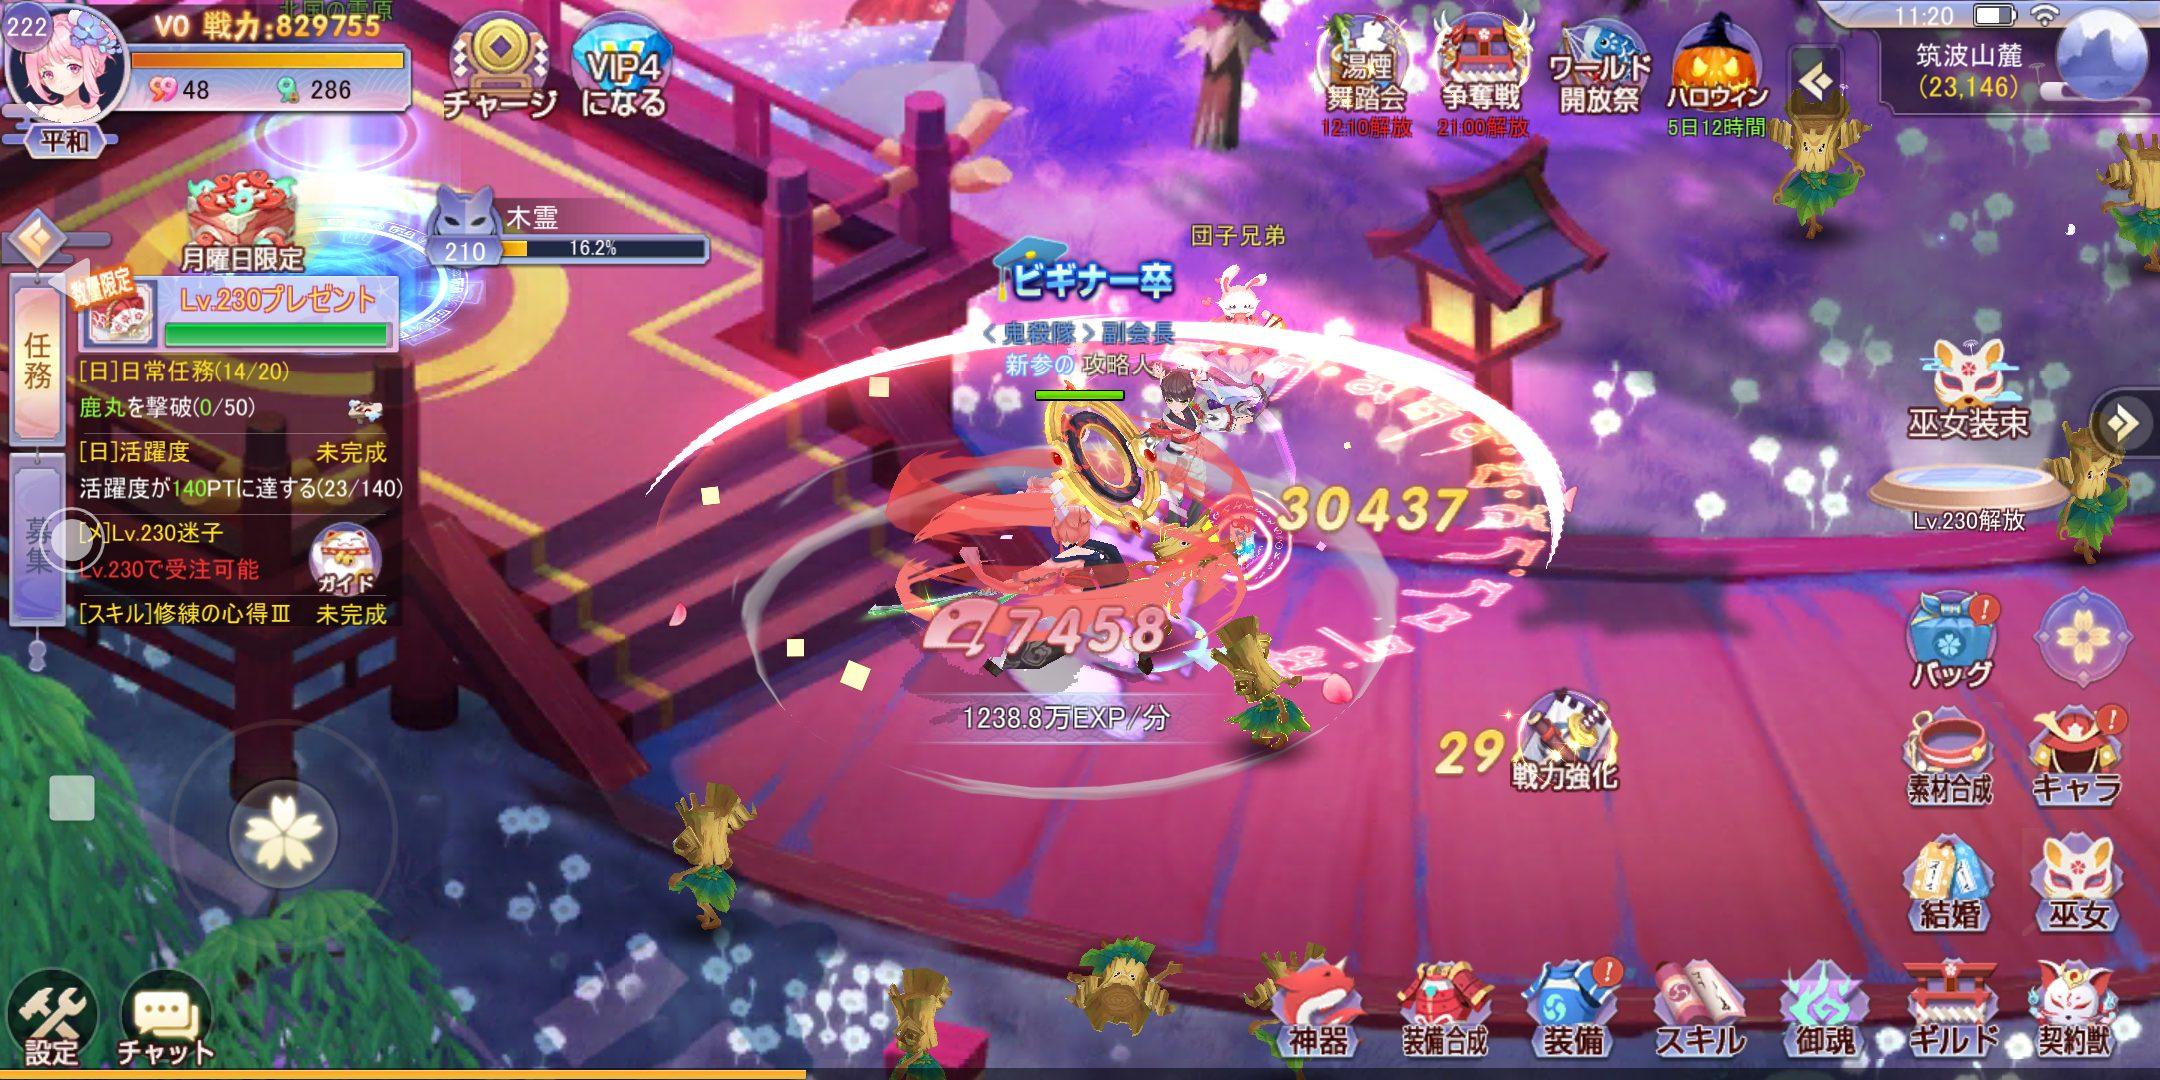 幻妖物語 戦闘画面